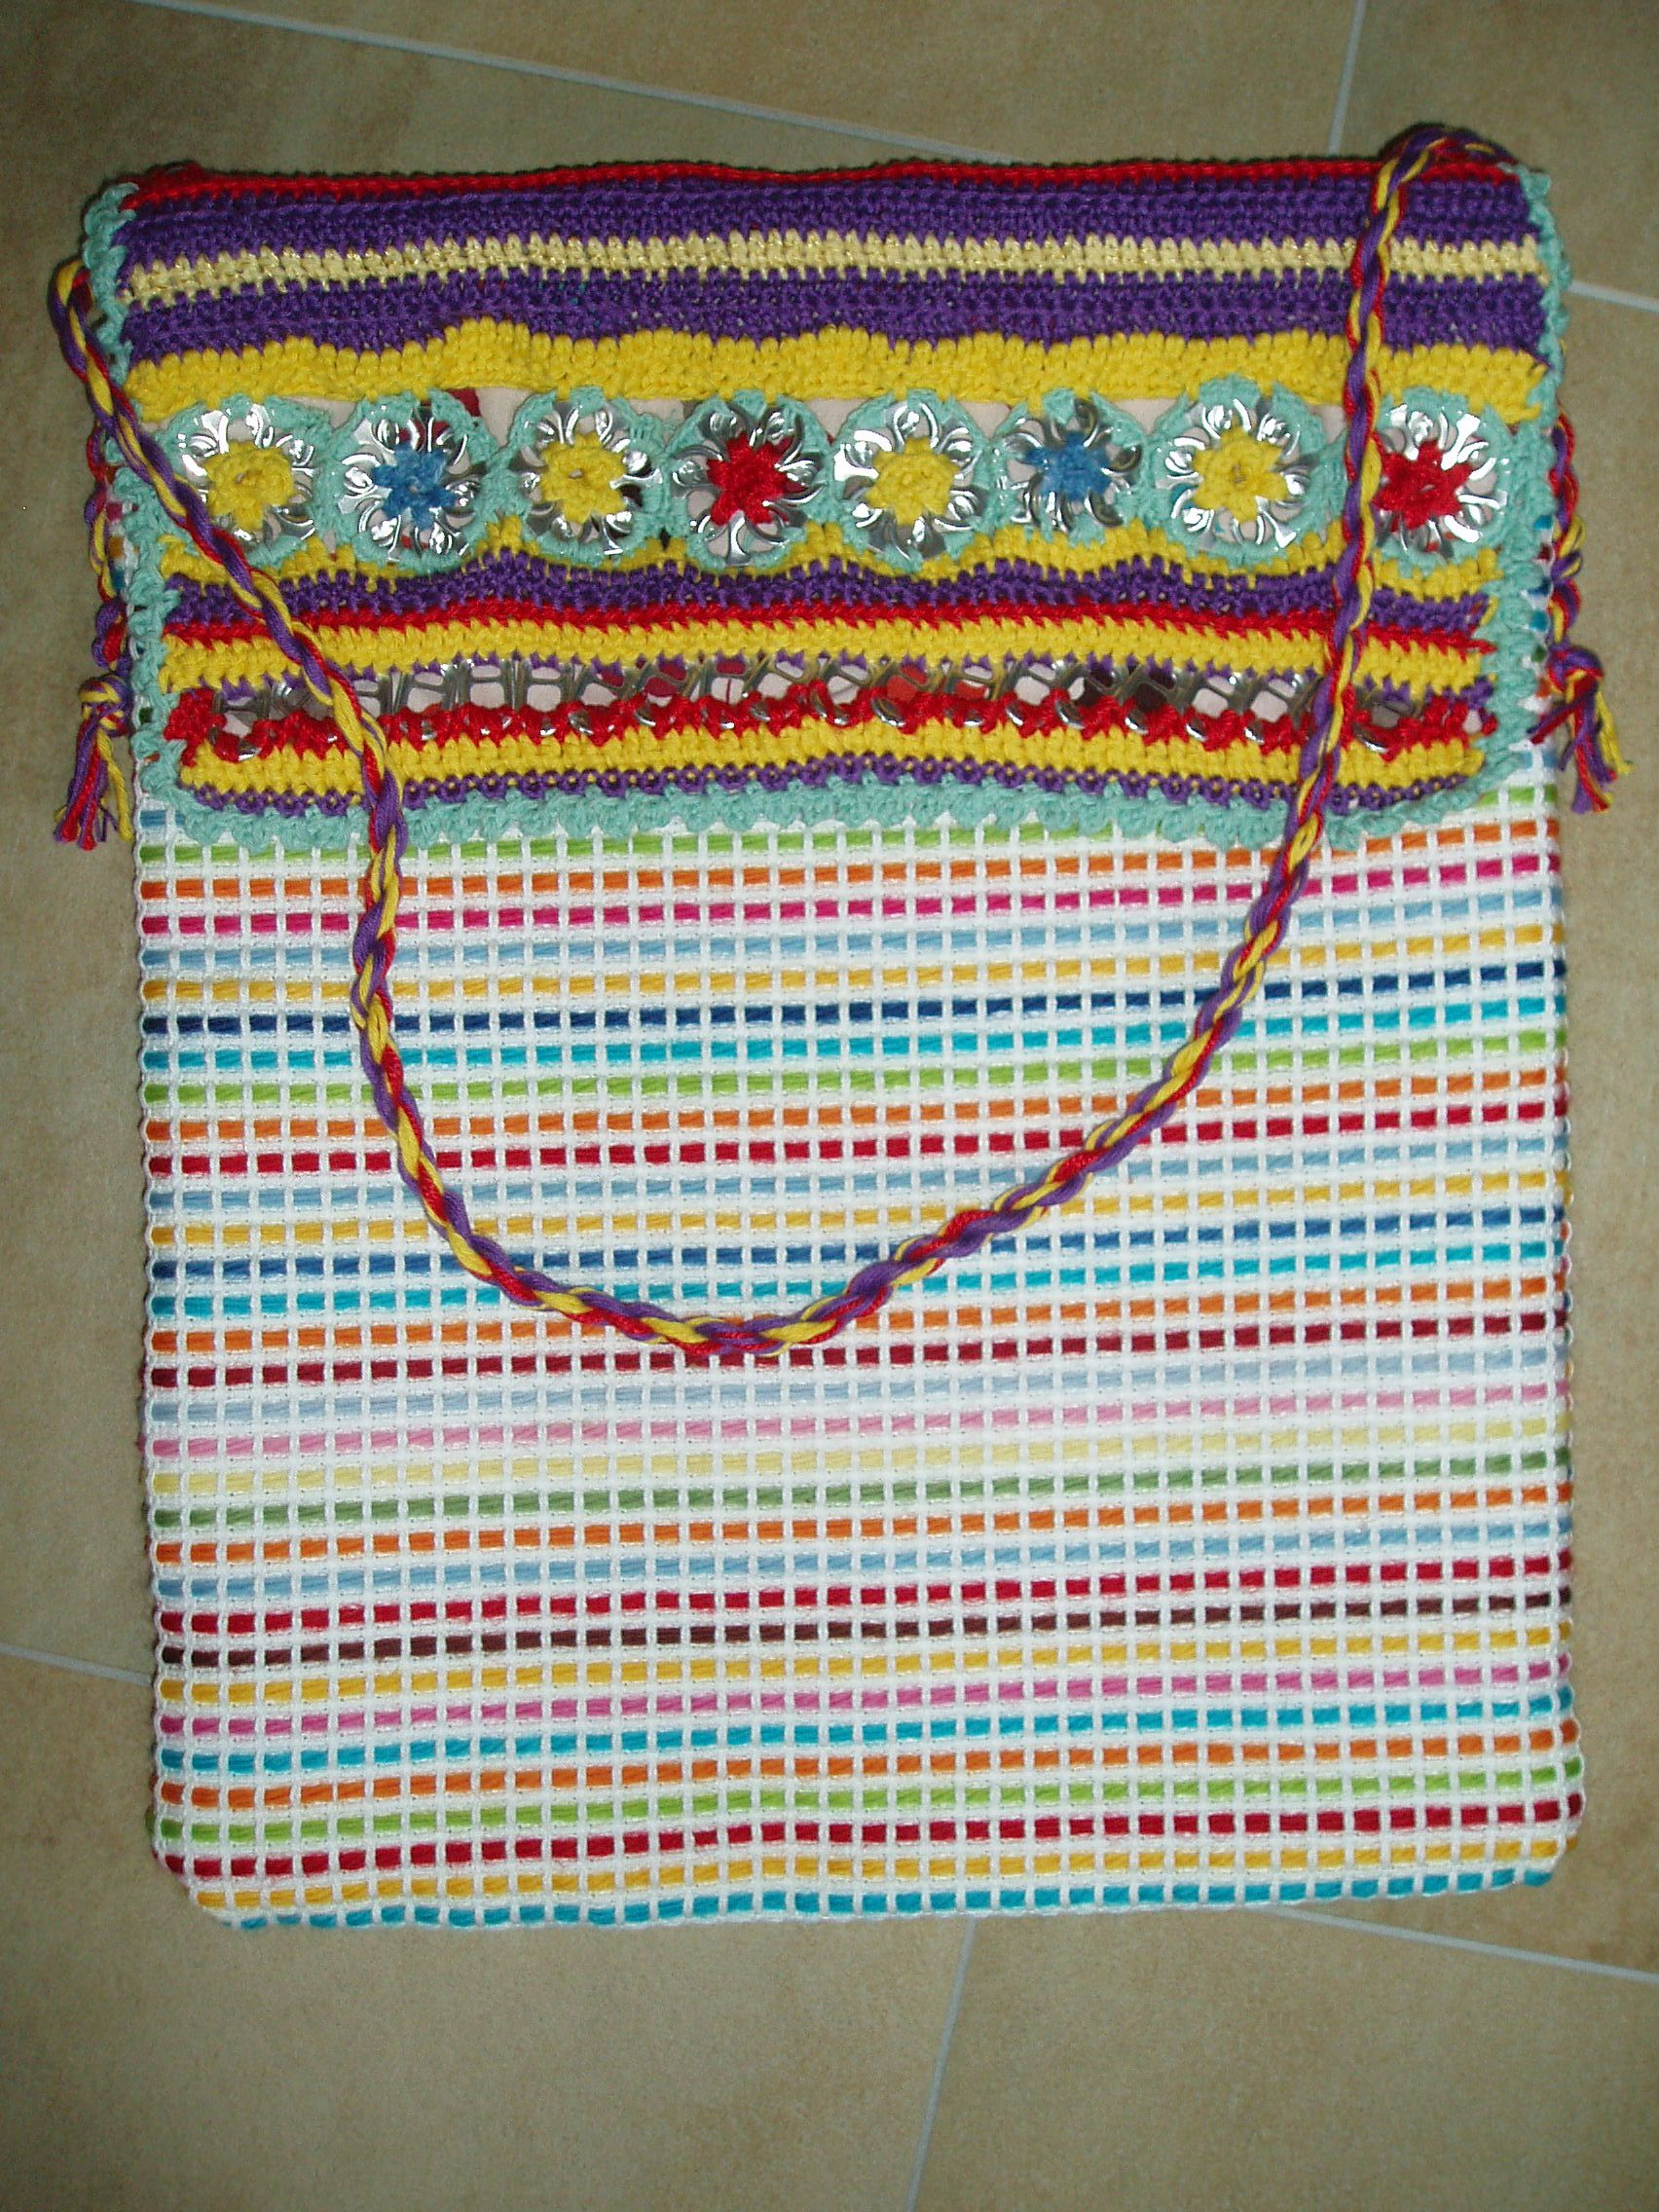 Tas met gehaakte klep met daarin bliklipjes verwerkt